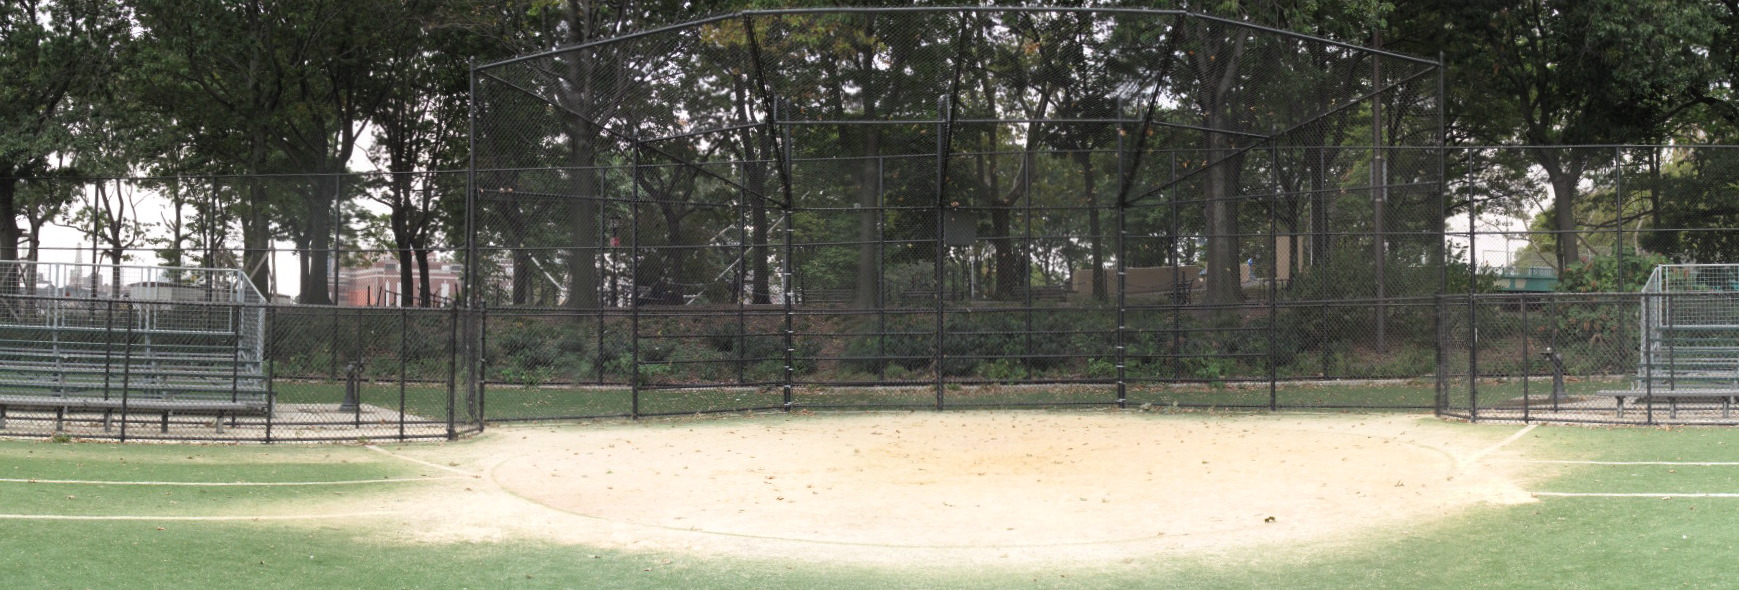 Ext Baseball field